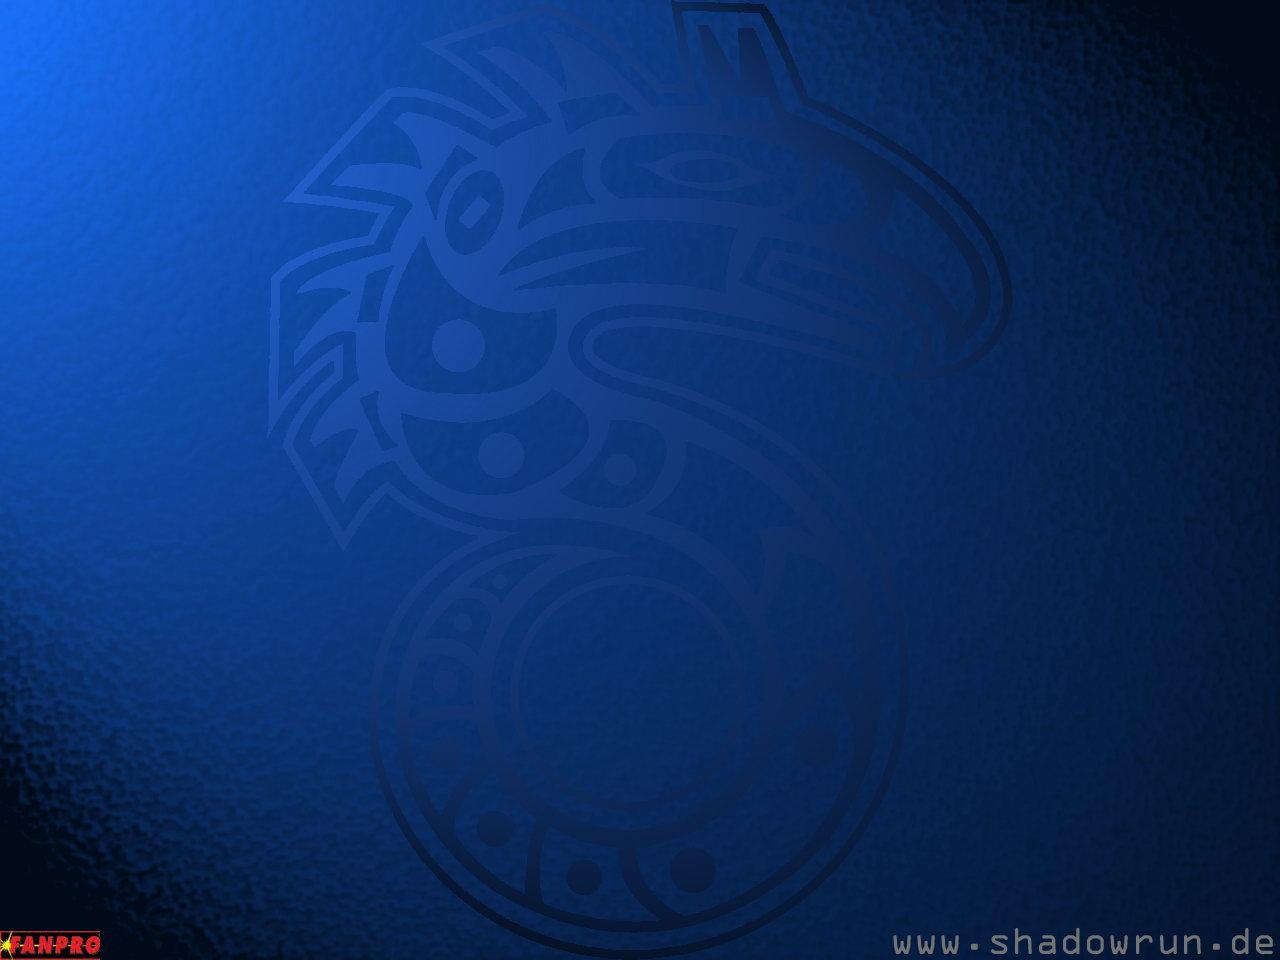 Blue Gaming Wallpaper - WallpaperSafari